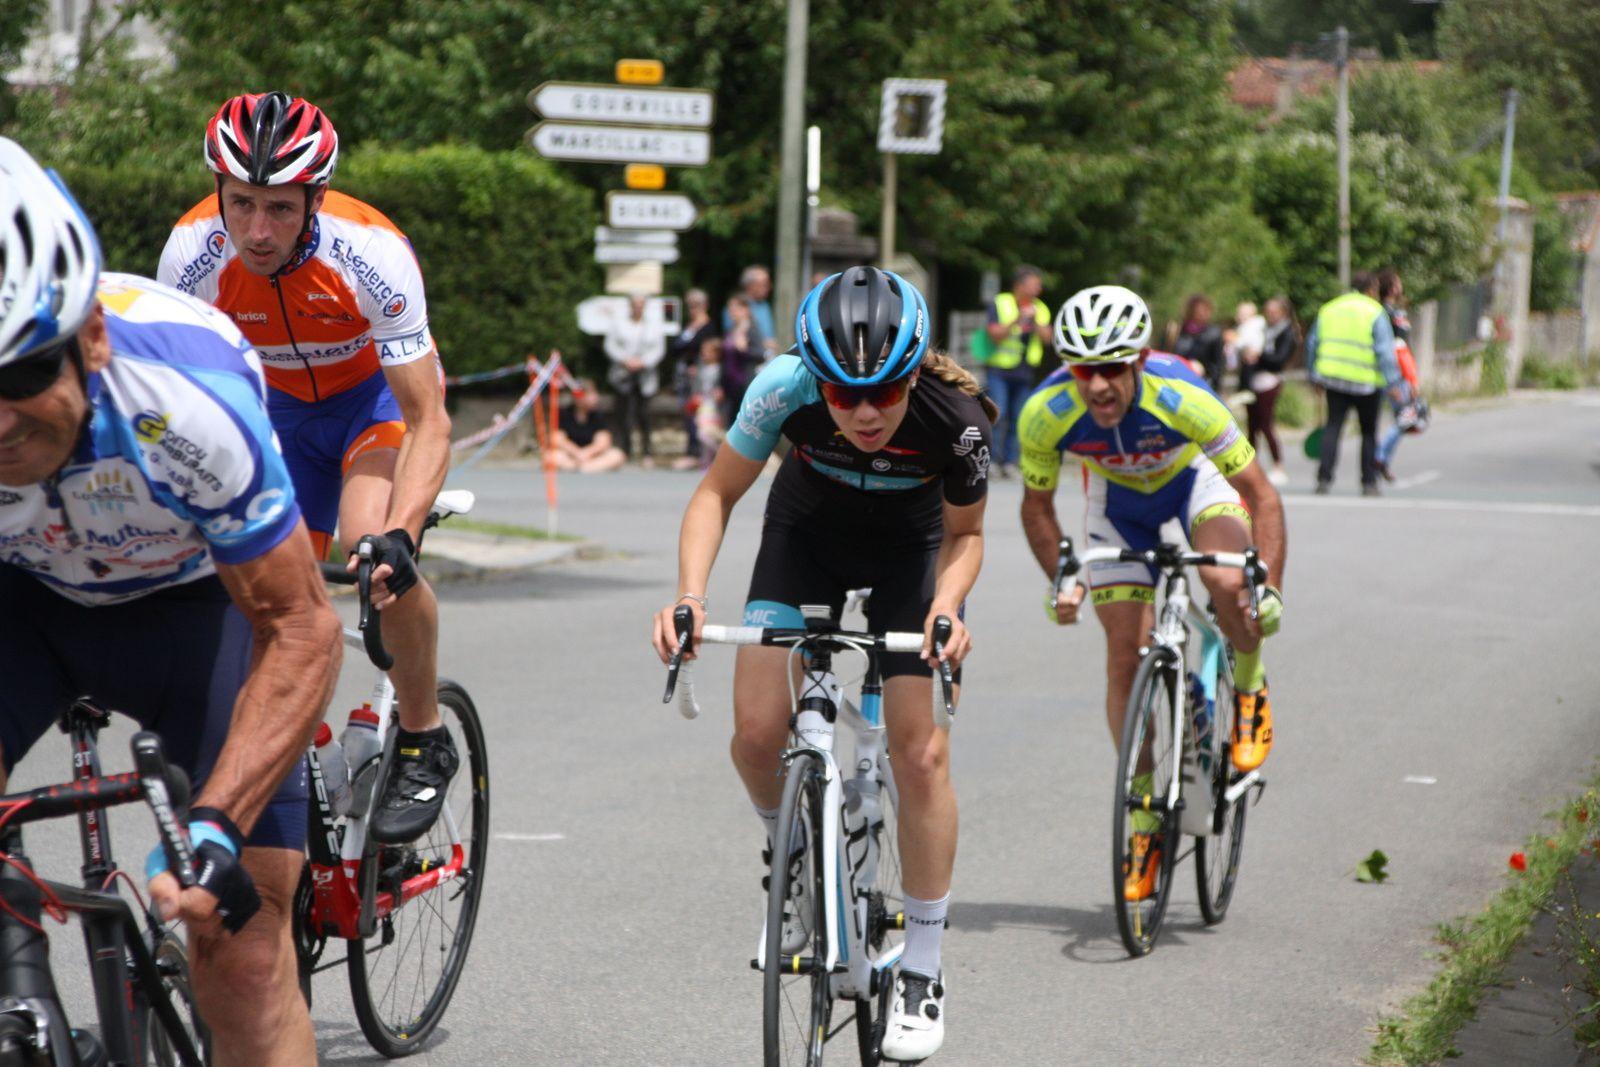 A  la  fin  du  1er  tour, ils  sont  sortit  à  3  avec  Florian  LATOUR